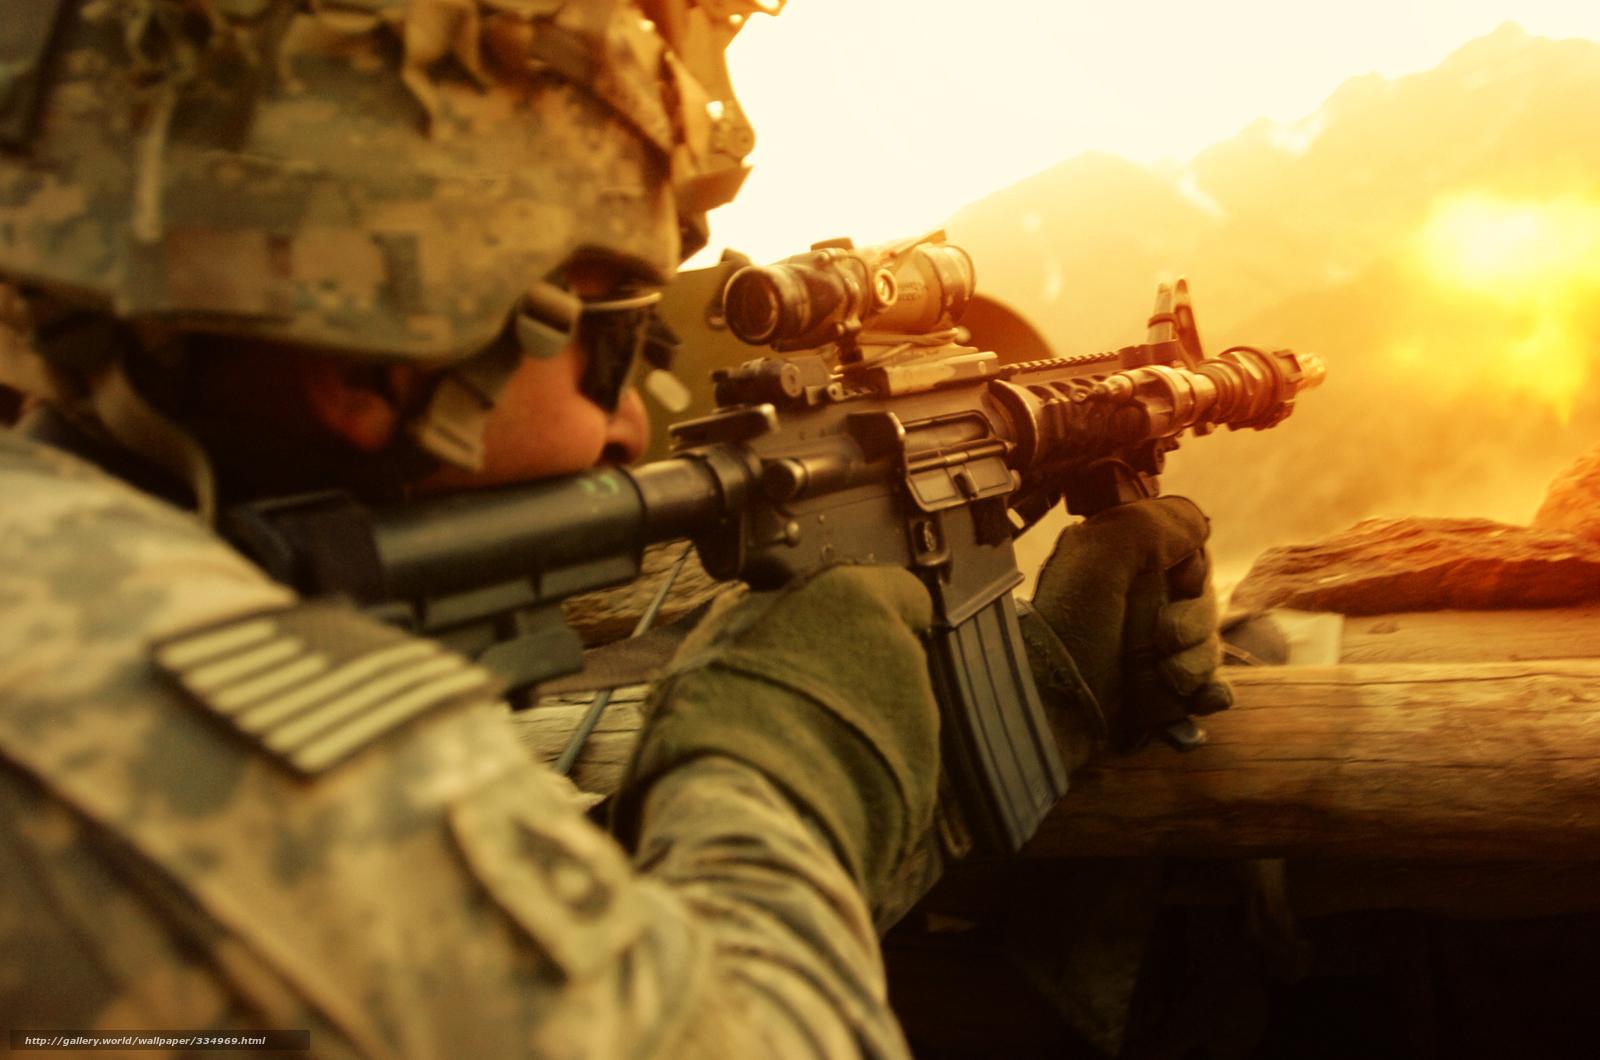 Descargar gratis soldado,  Arma,  tiro,  escaramuza Fondos de escritorio en la resolucin 3000x1987 — imagen №334969